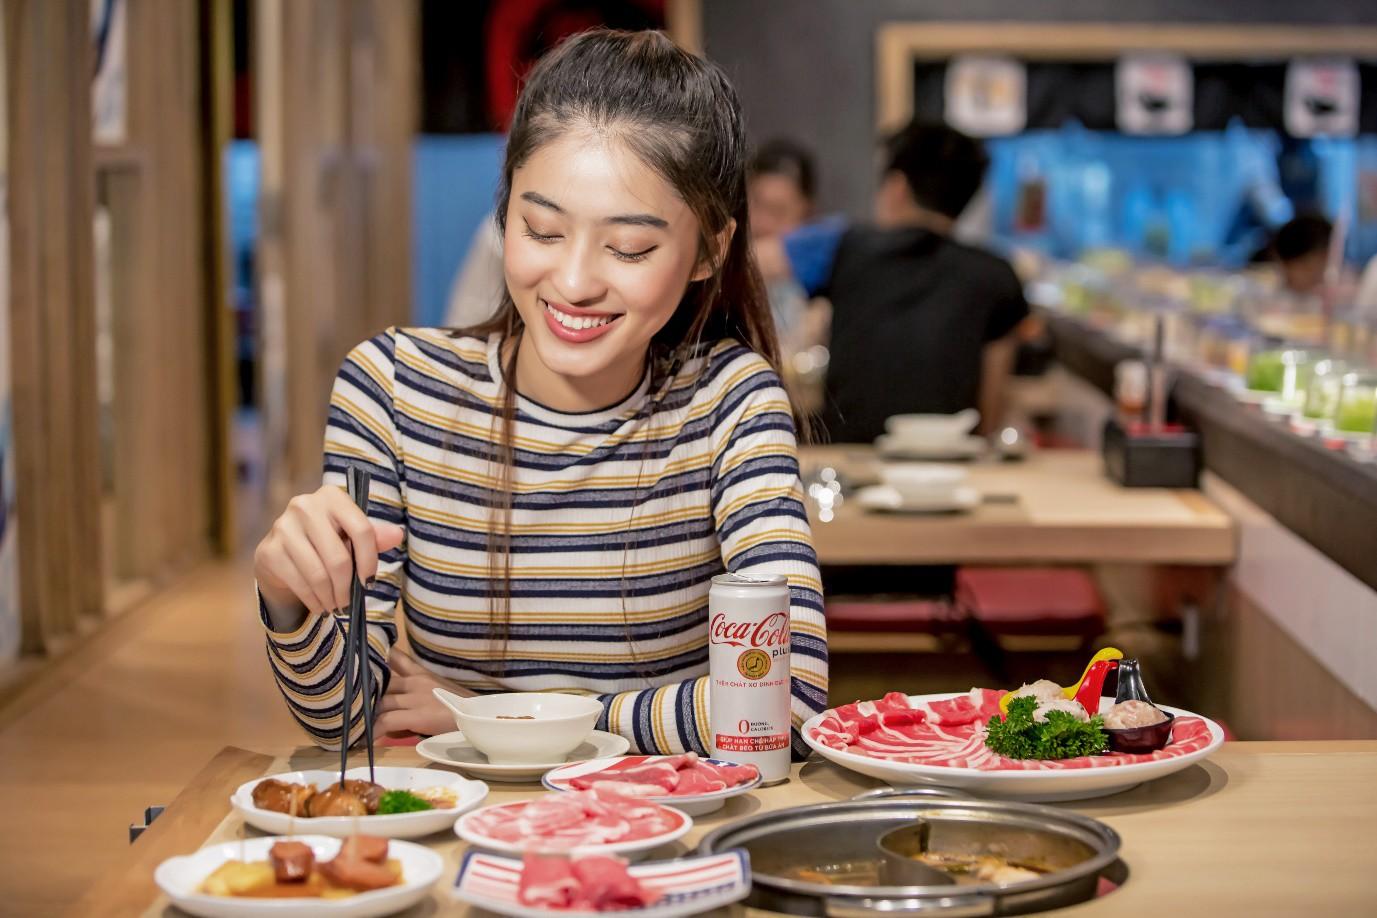 Mới ra mắt, giới trẻ đã mê tít cặp đôi hoàn hảo - món nướng và đồ uống đạt chứng nhận FOSHU từ Nhật Bản - Ảnh 5.